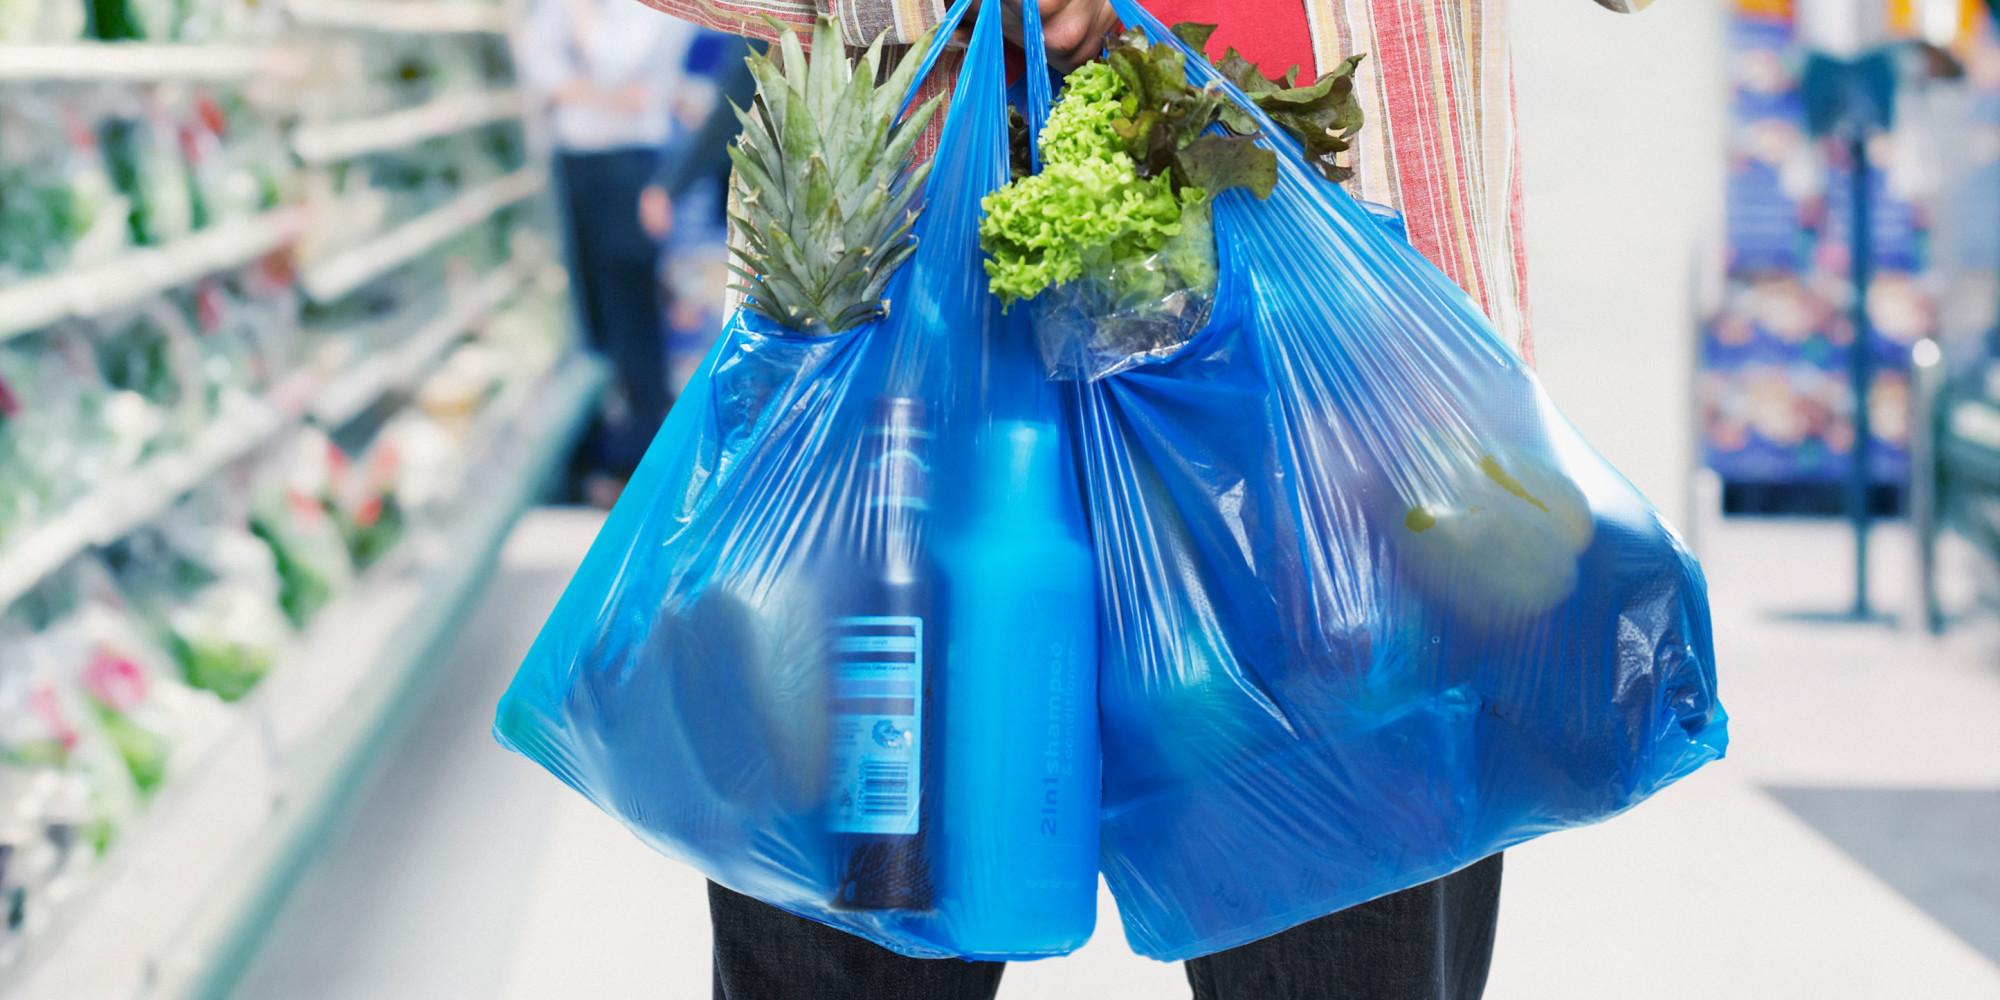 Plastic Bag Ordinance In Kenmore